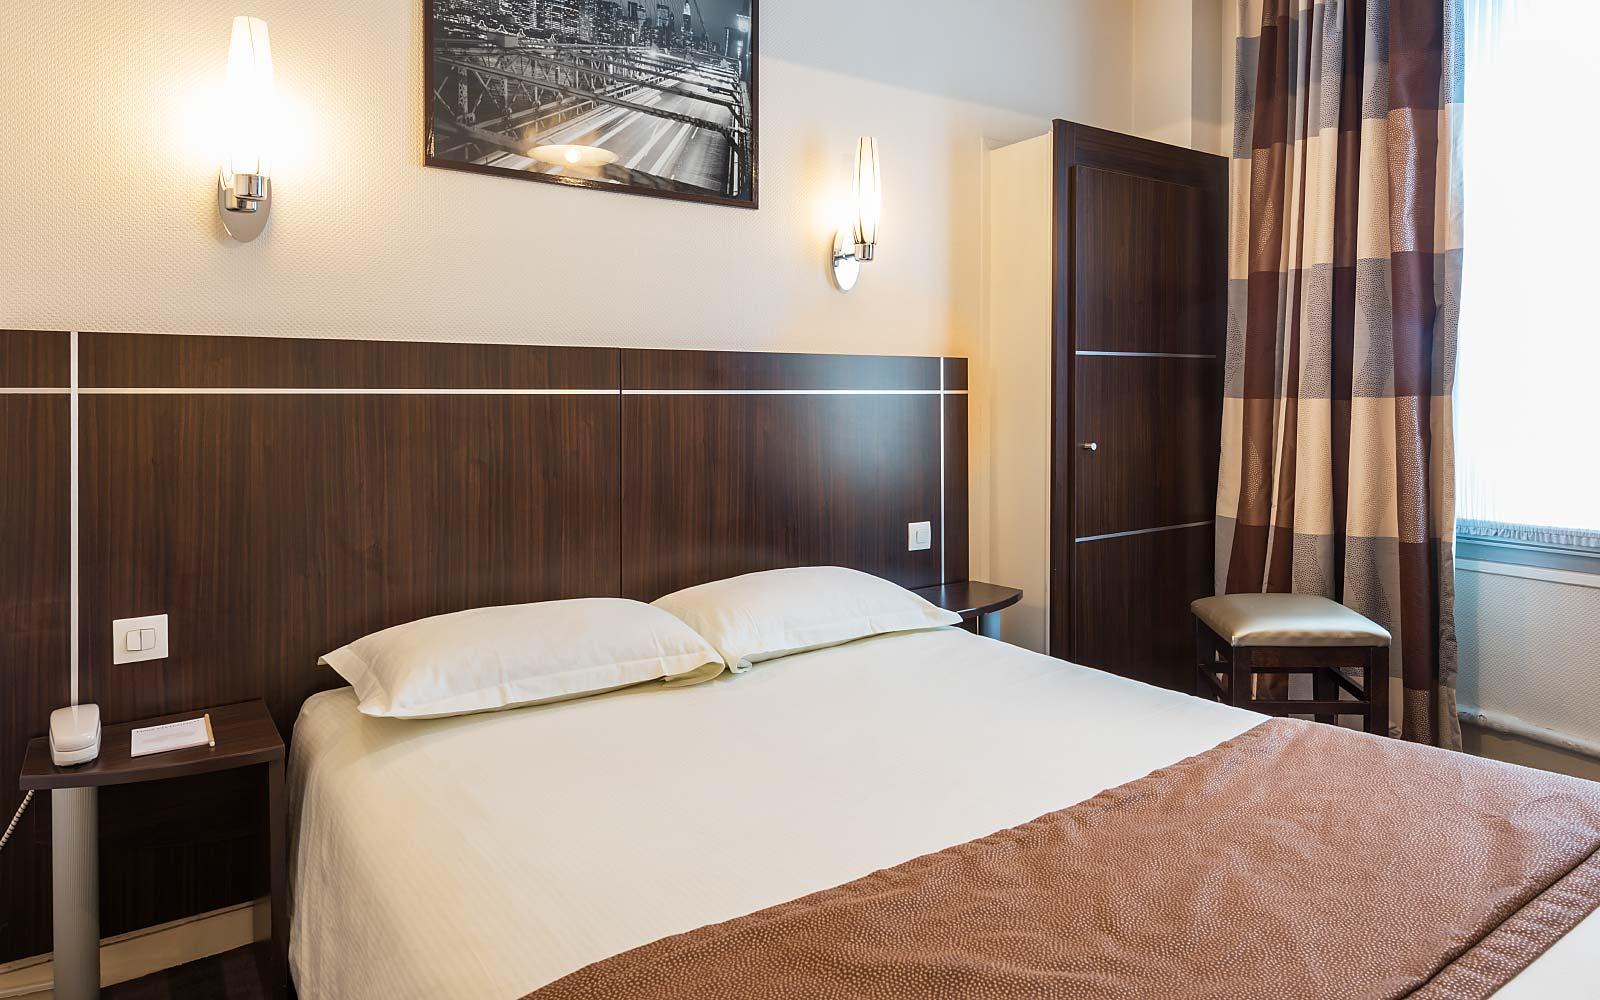 Chambres prix r duits paris centre hotel vivienne op ra for Hotel petit prix